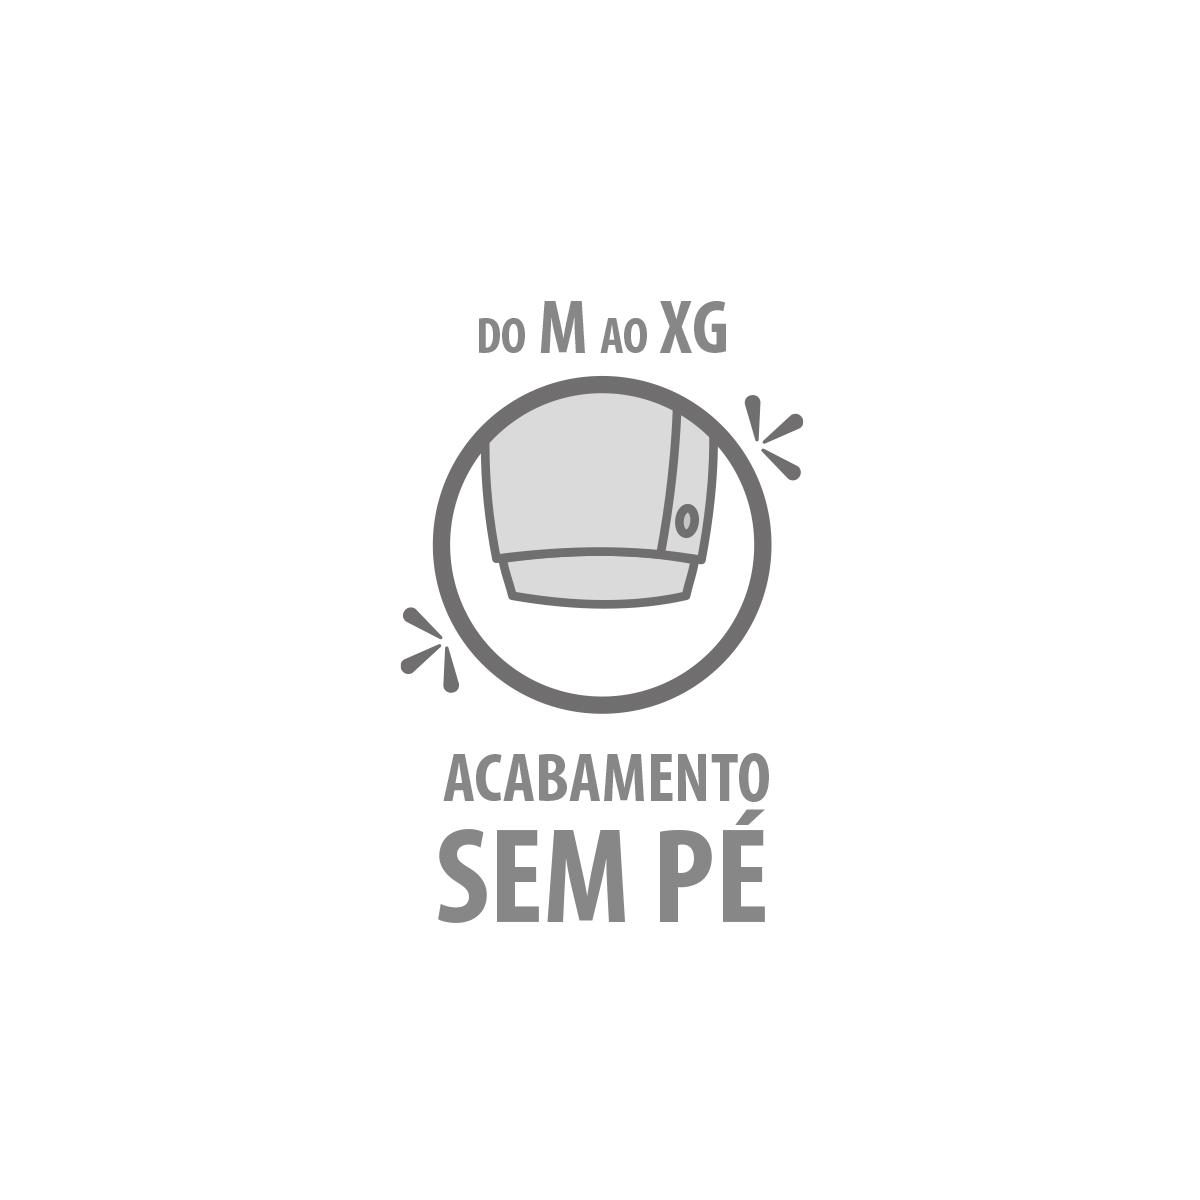 Macacão Soft Peixinhos Rosa - Tamanhos RN e P com pezinho; M, G e XG sem pezinho  - Piu Blu